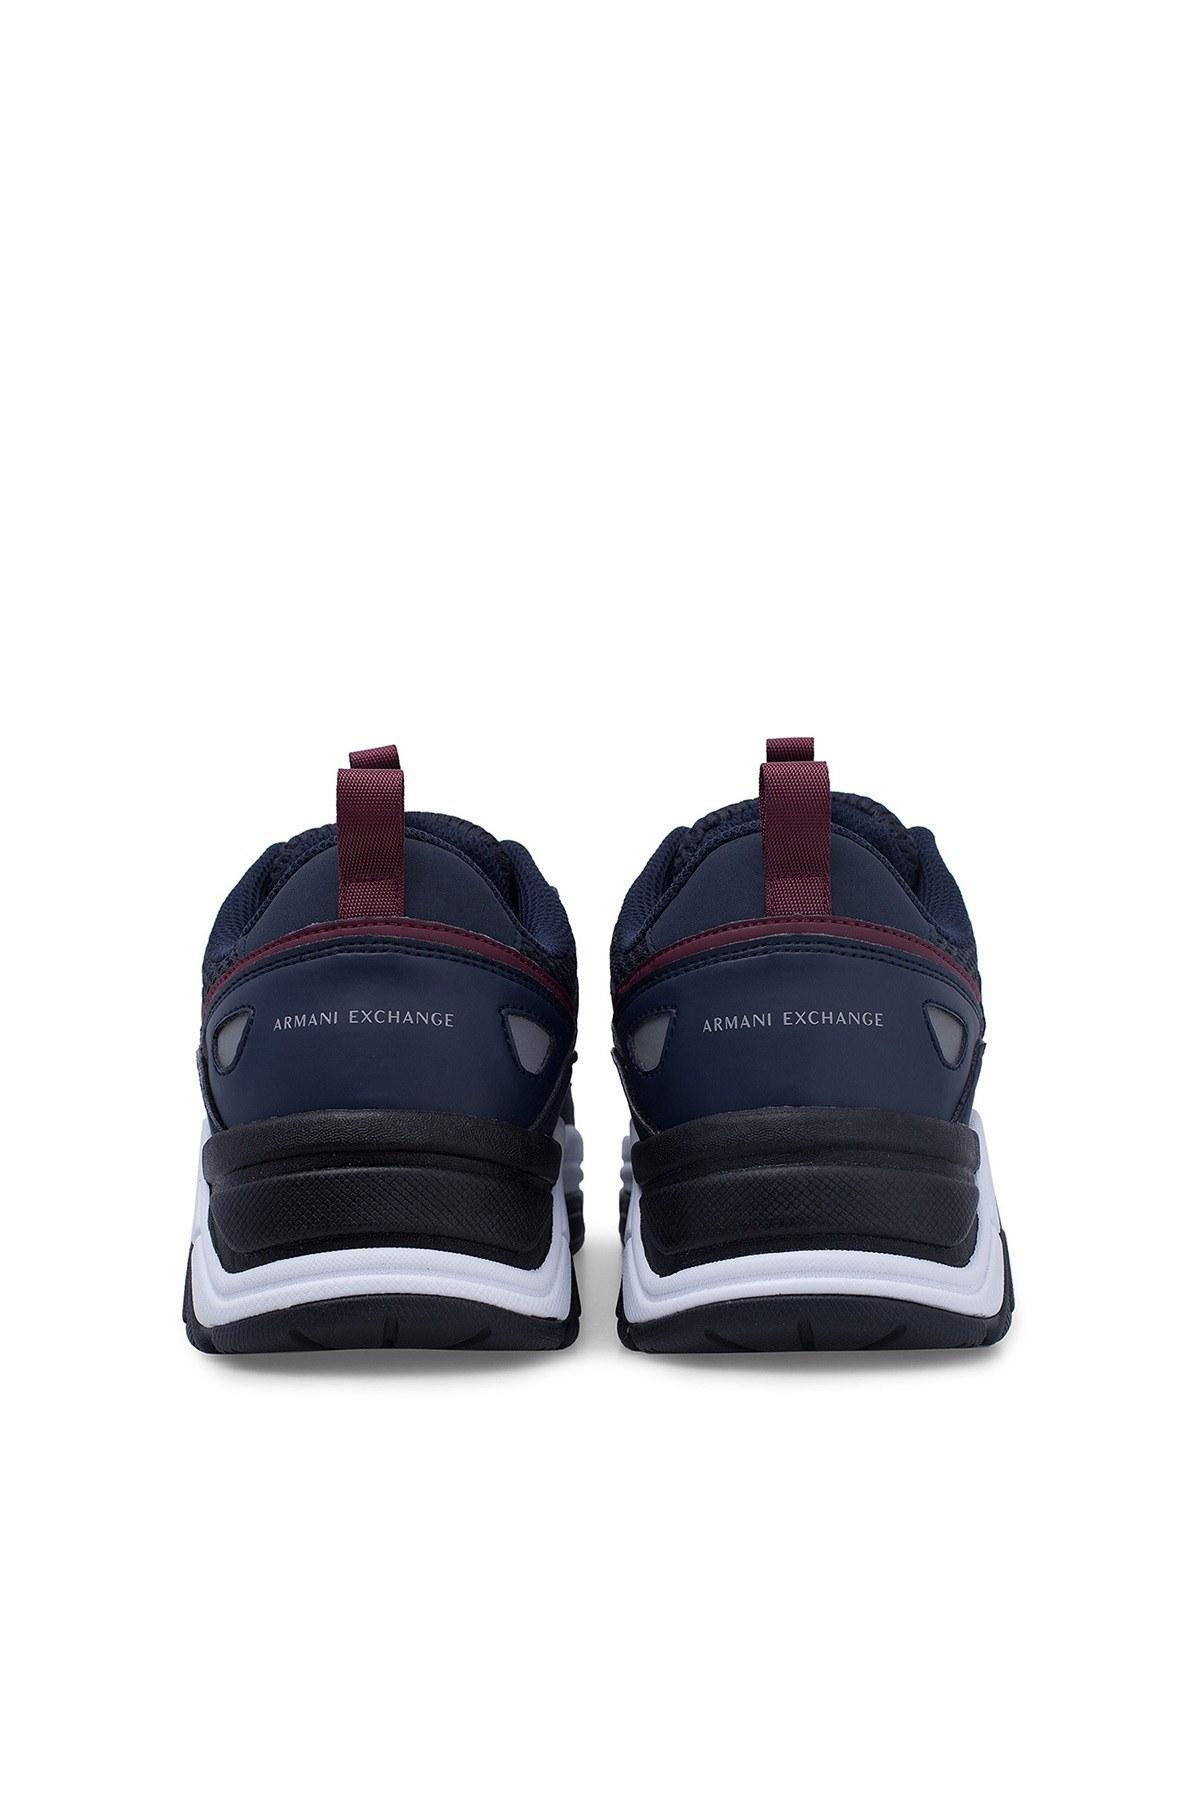 Armani Exchange Erkek Ayakkabı XUX044 XV183 D293 LACİVERT